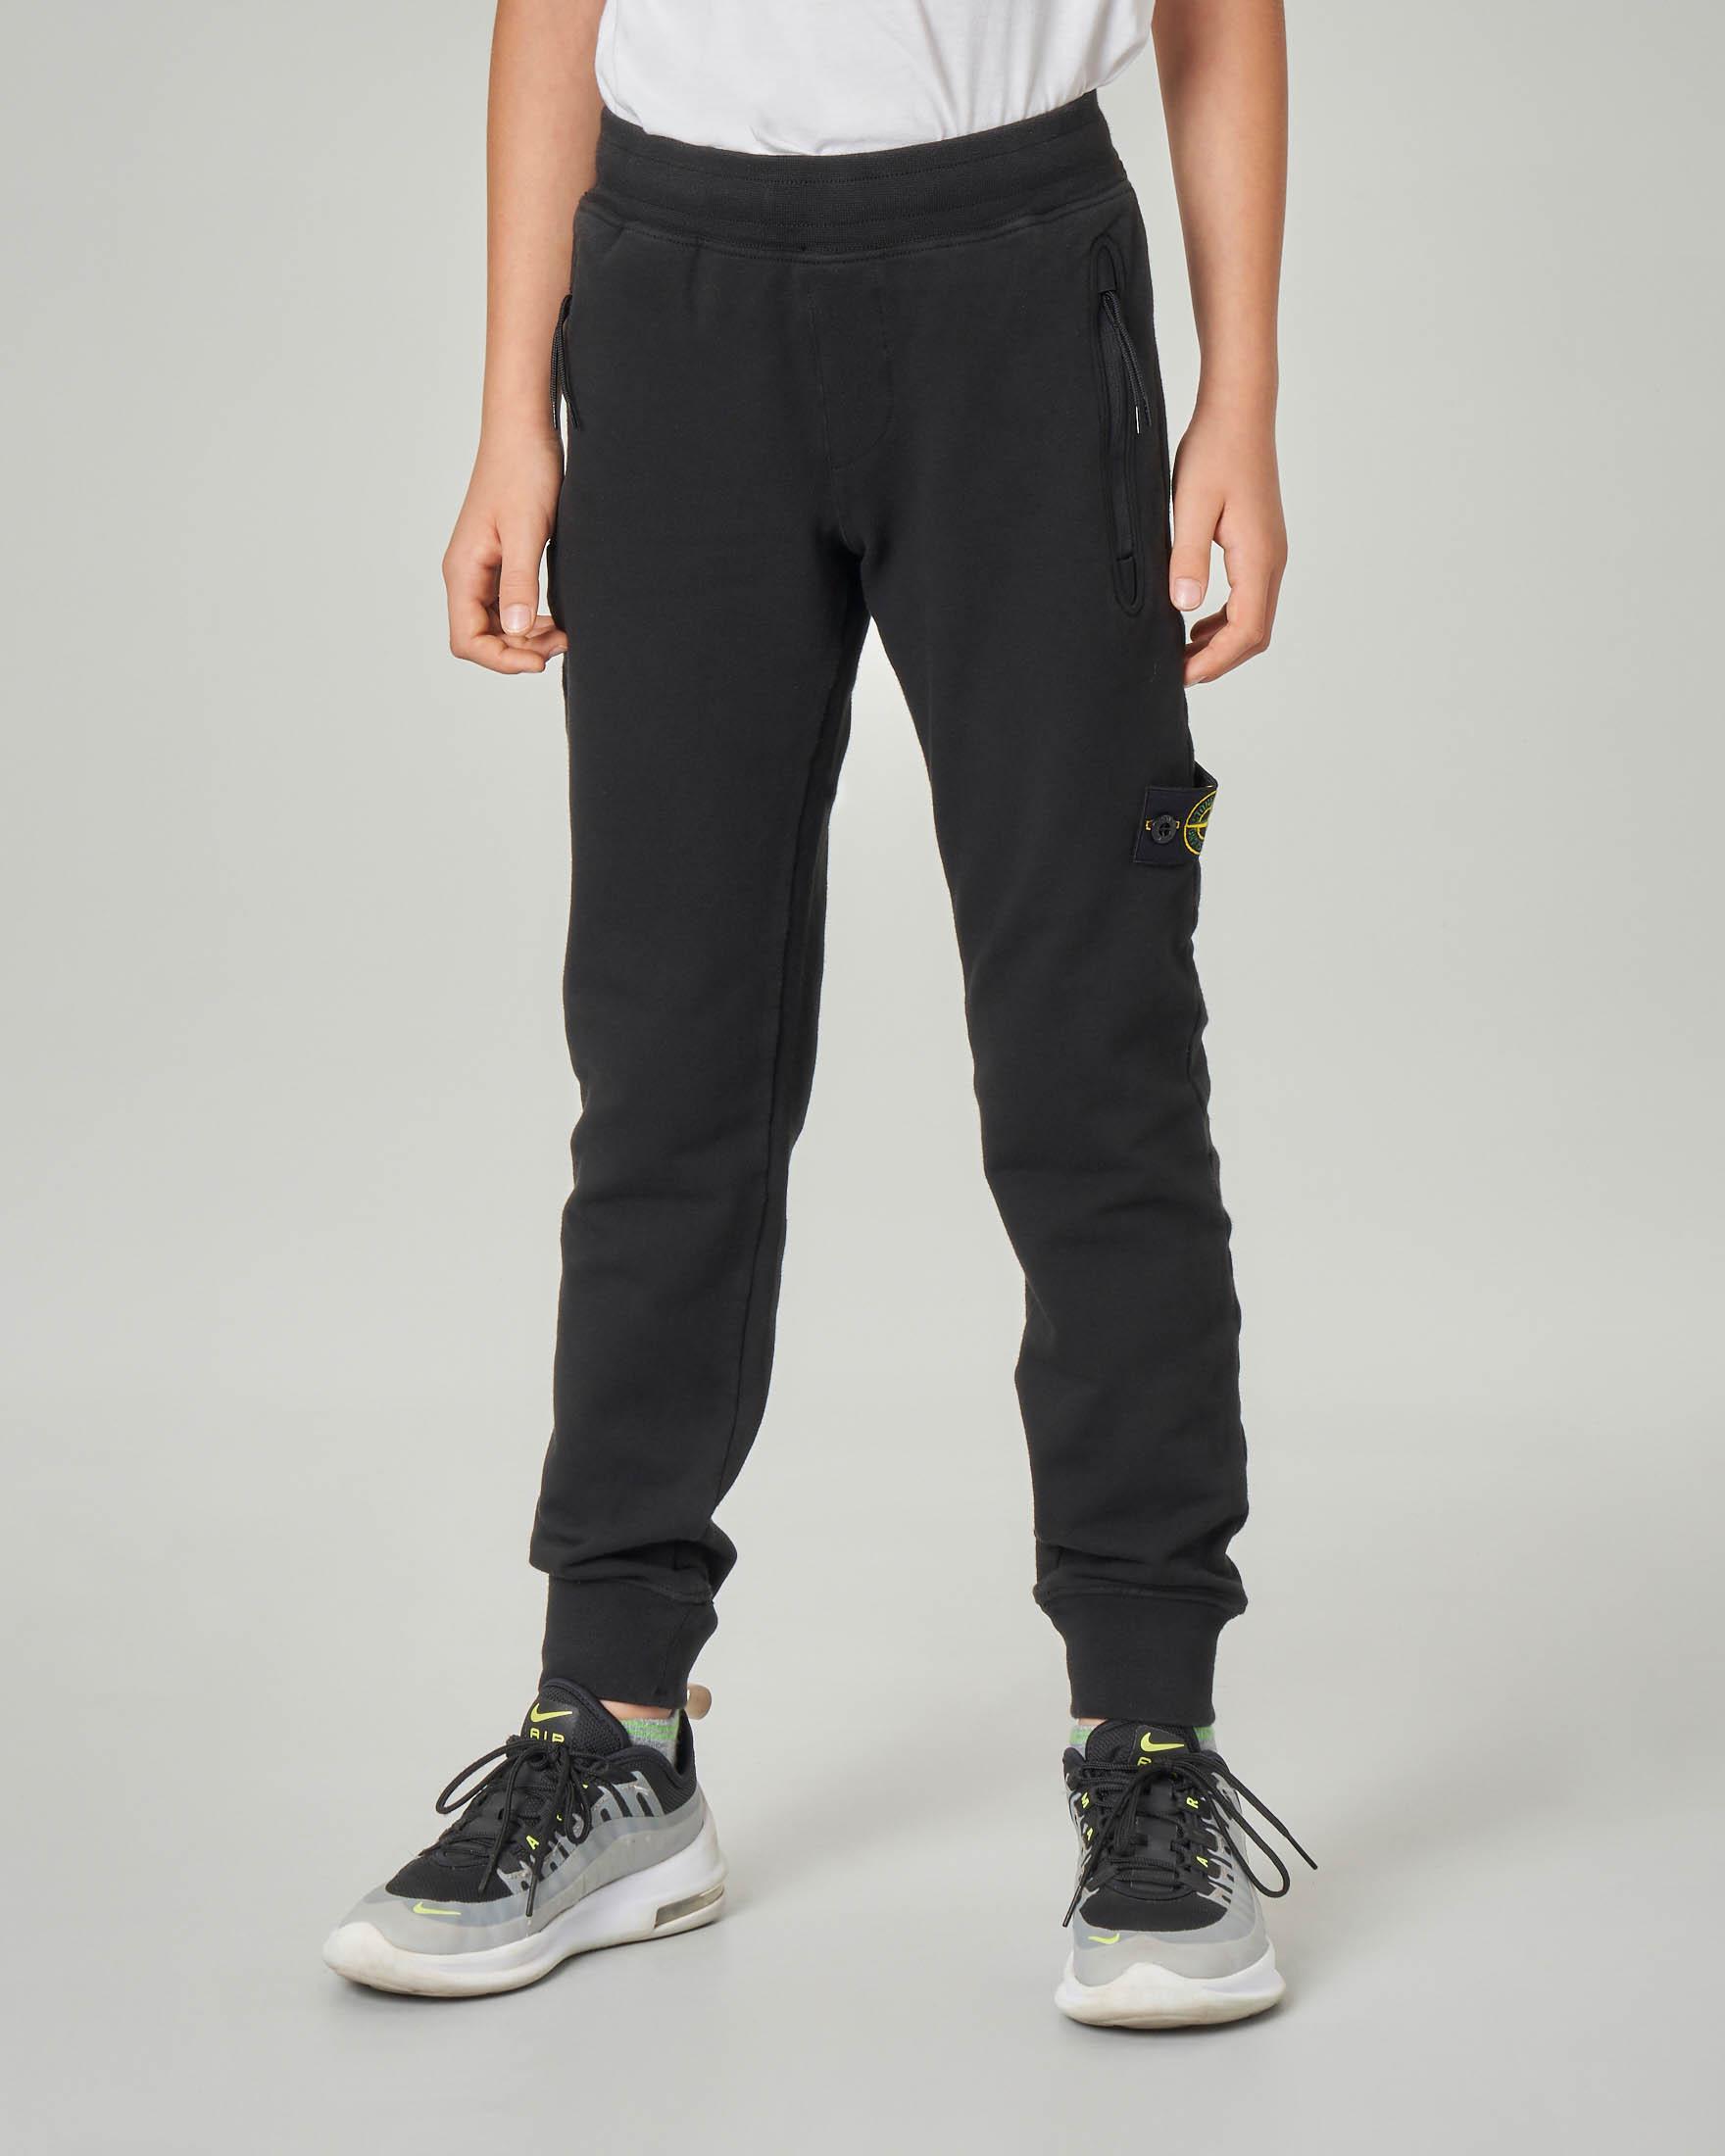 Pantalone nero in felpa in cotone stretch 8 anni